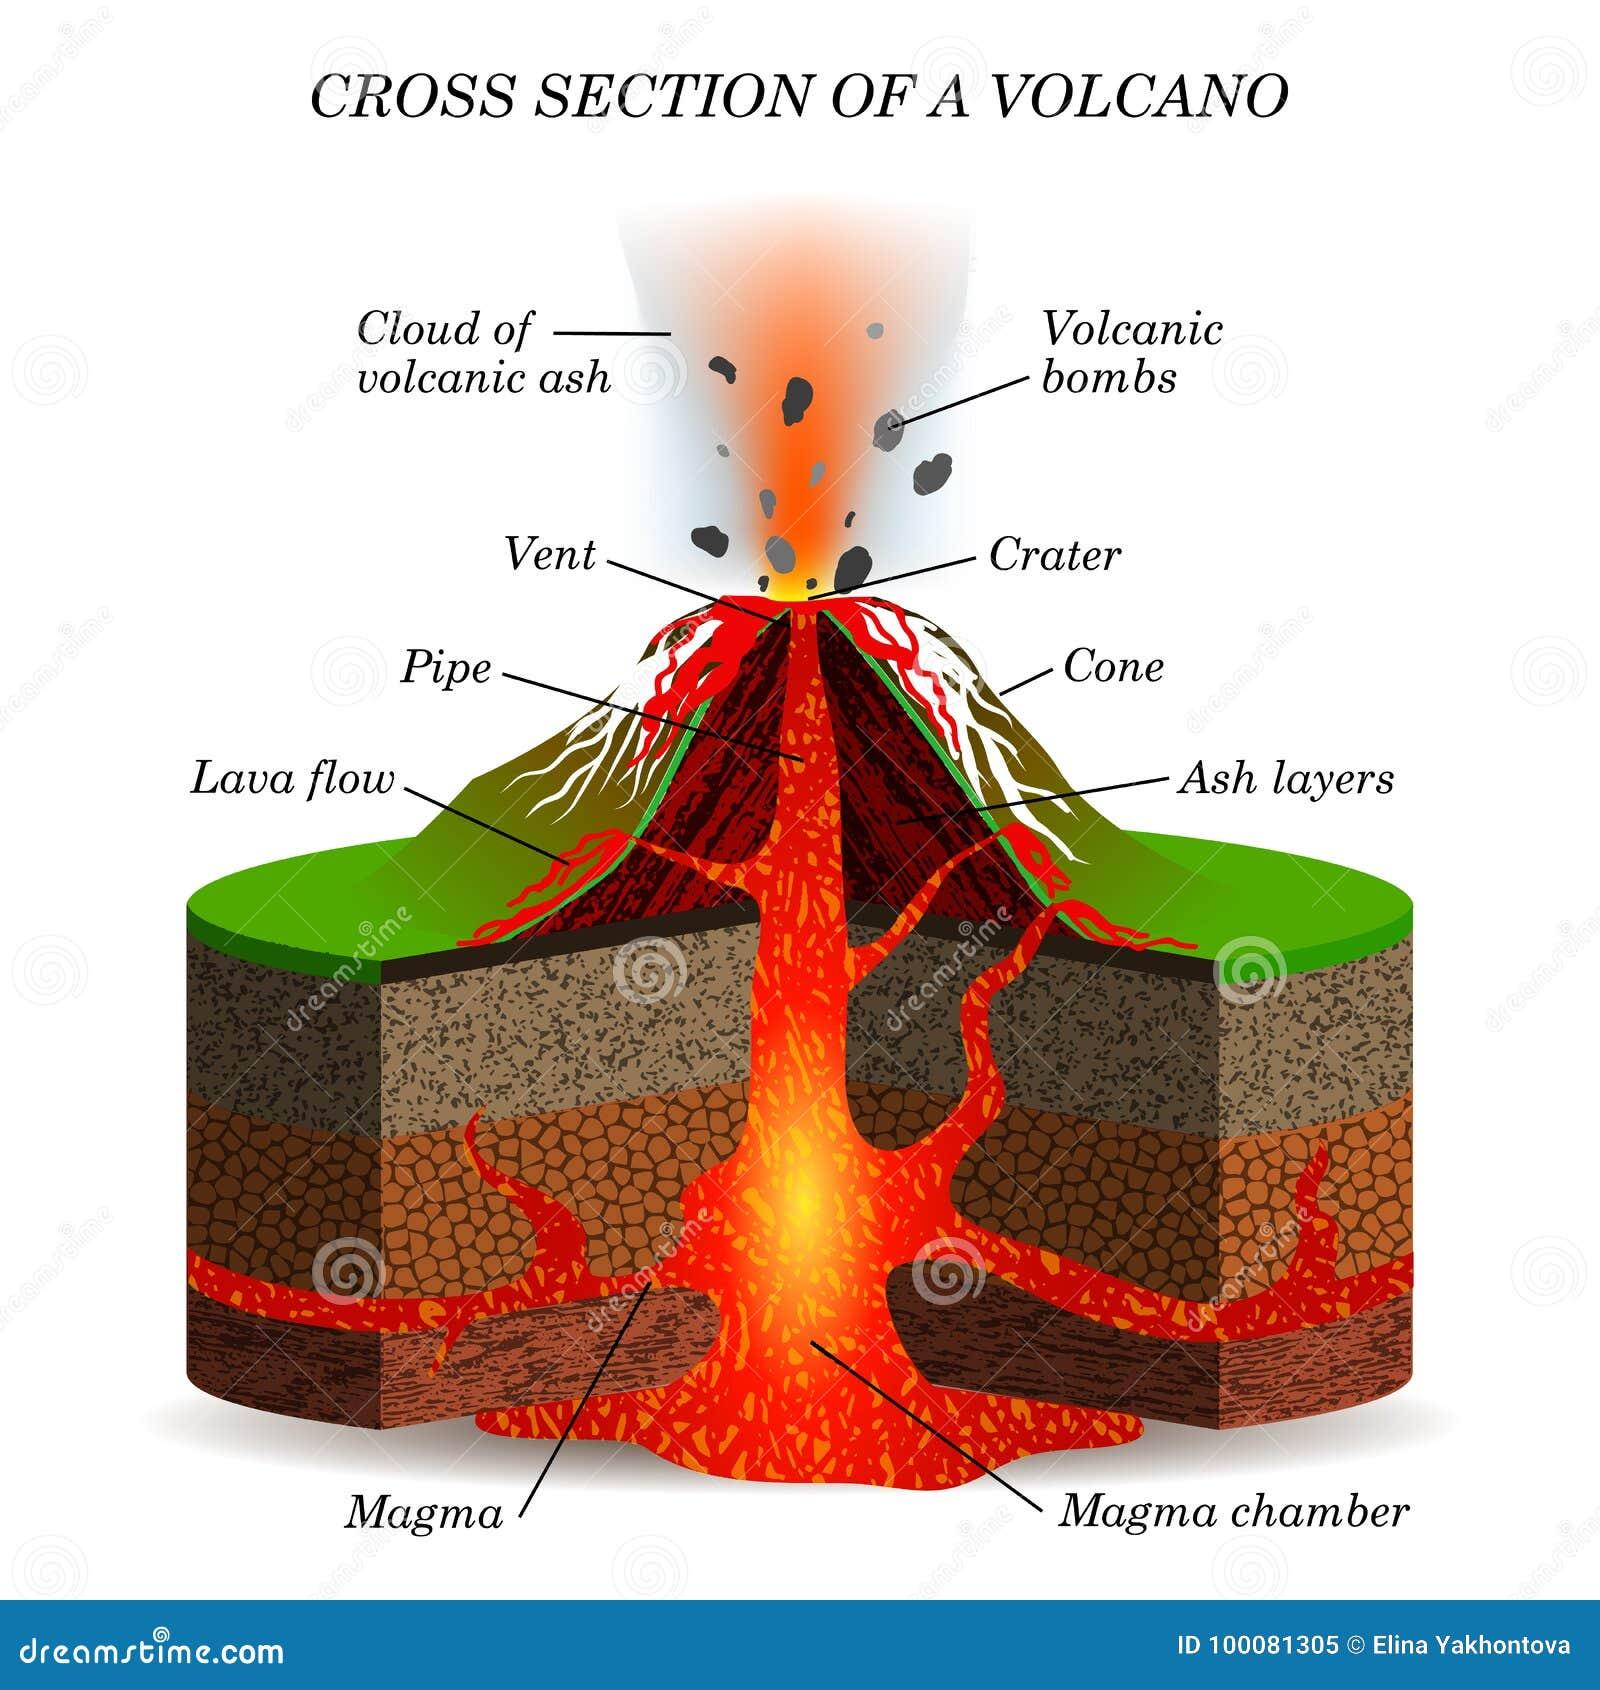 Eruzione ignea del vulcano nella sezione trasversale Schema scientifico di istruzione